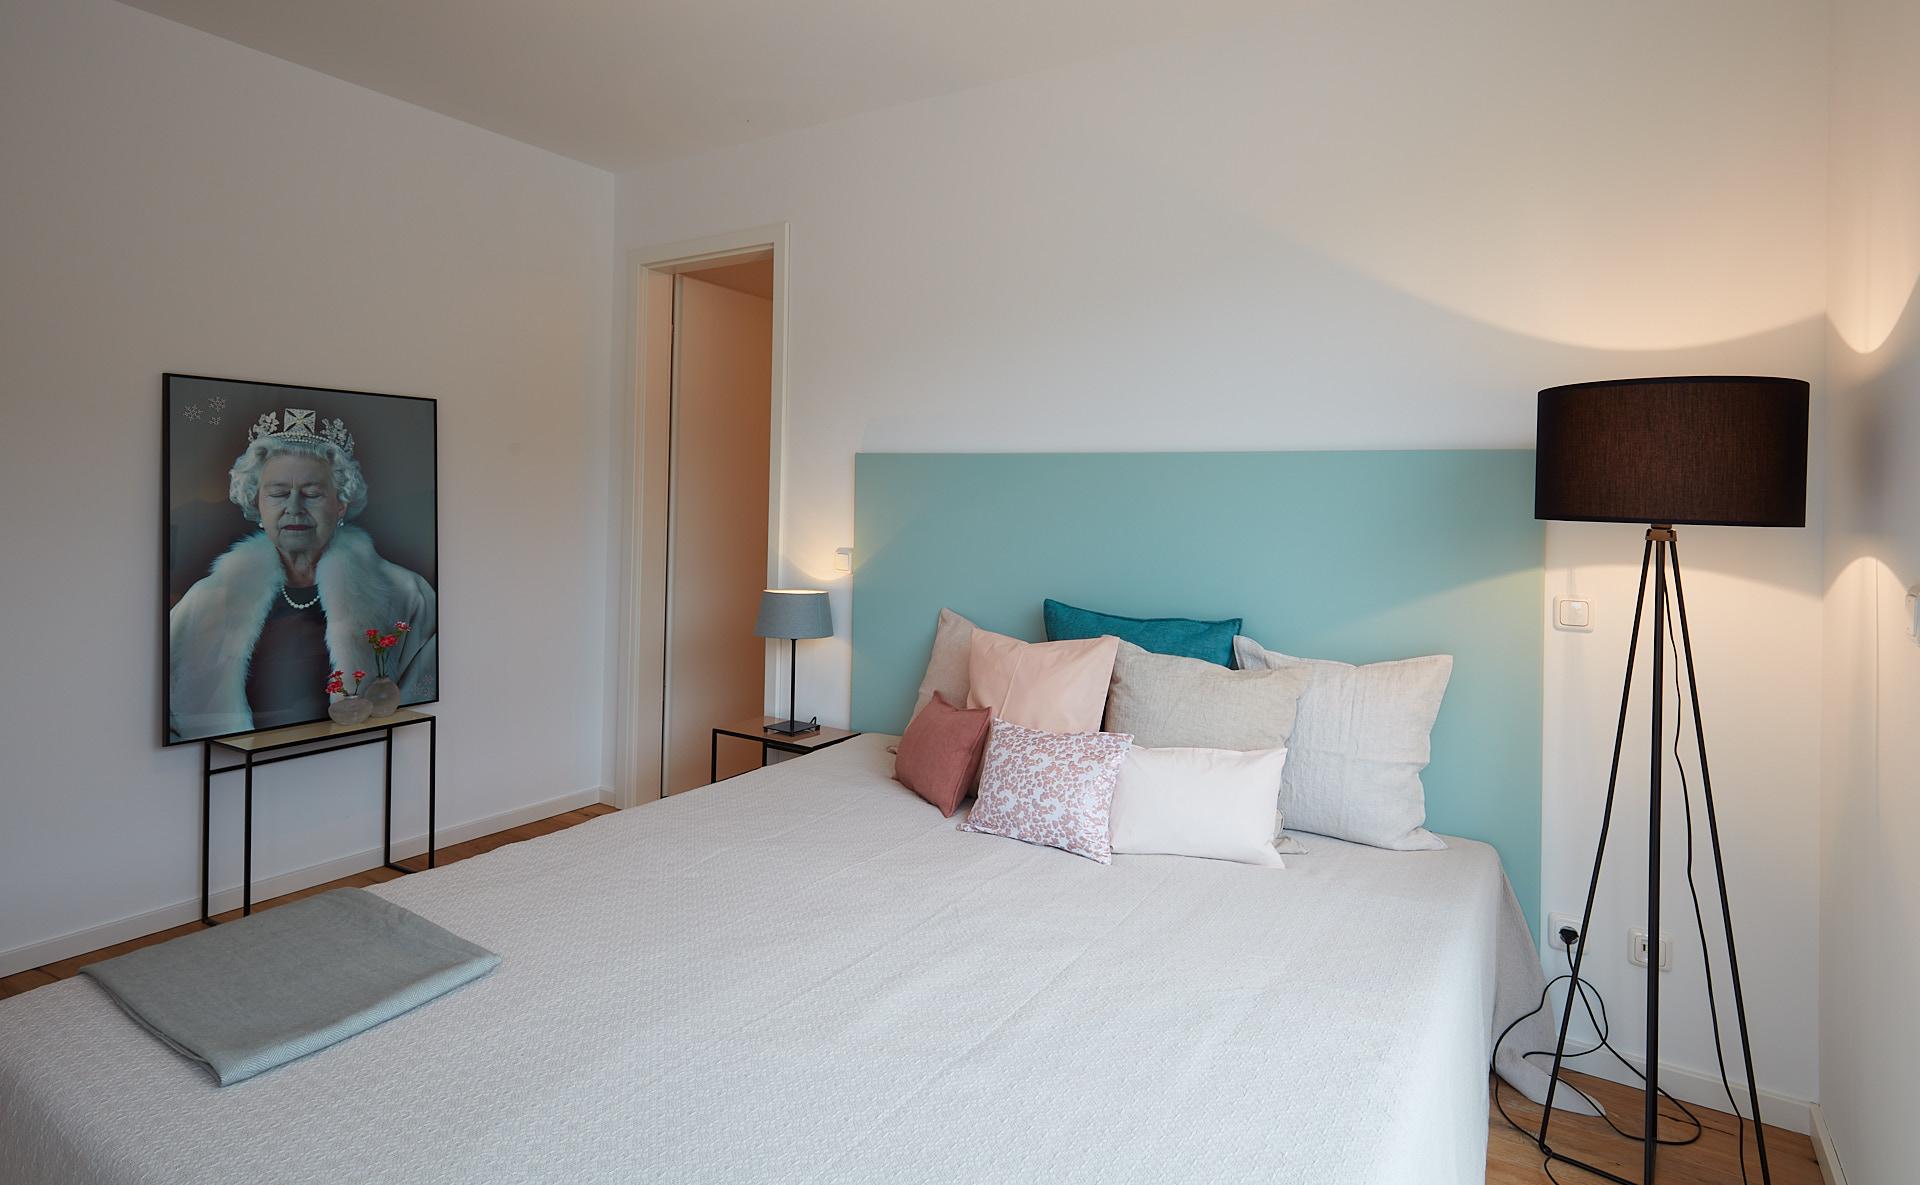 Schlafzimmer für Gäste mit angrenzendem Ankleidezimmer und Zugang zur Dachterrasse.